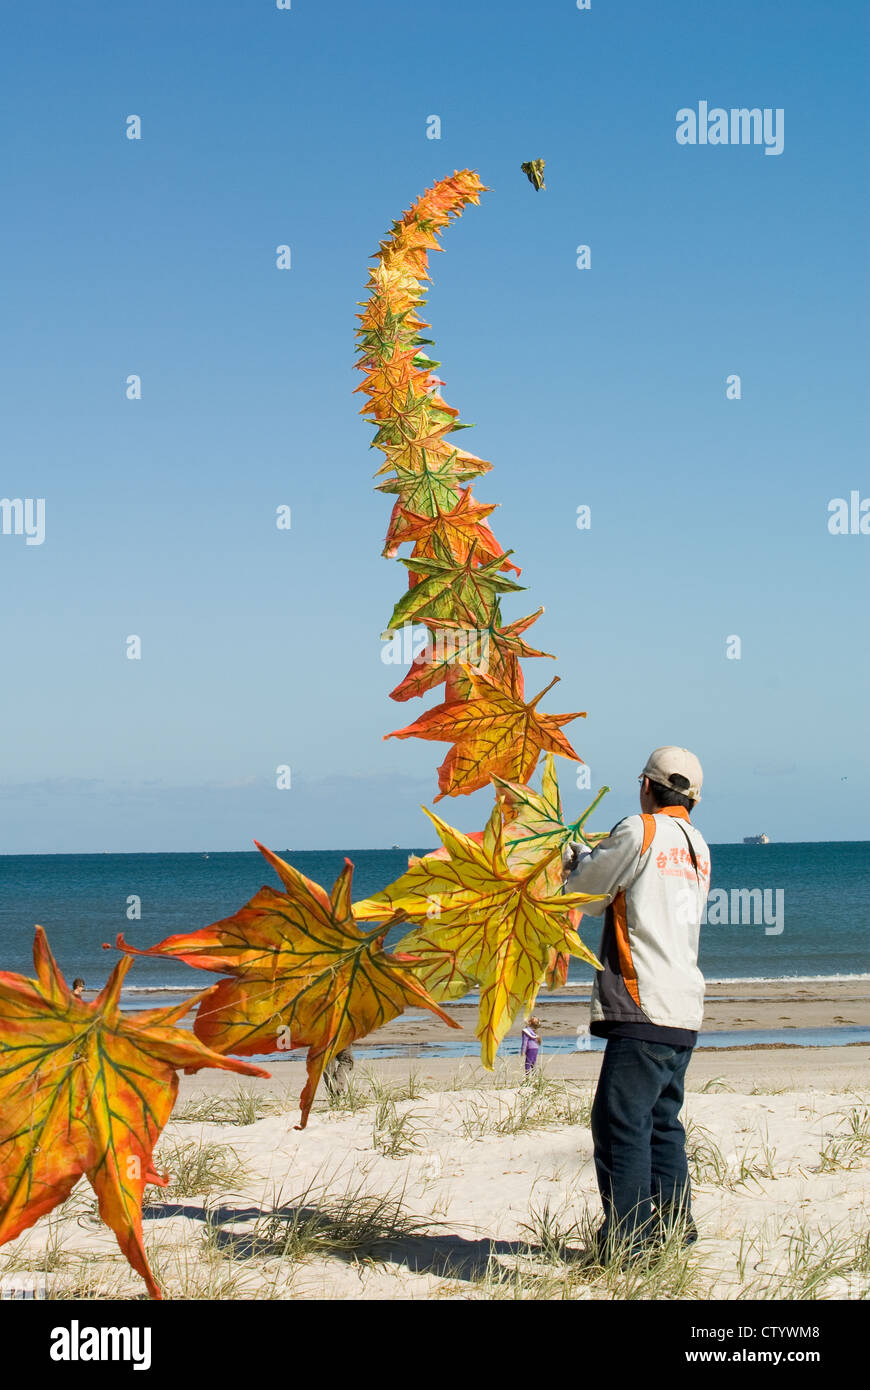 Adelaide Kite Festival si tiene ogni anno, Semaphore Beach, Australia del Sud. Immagini Stock